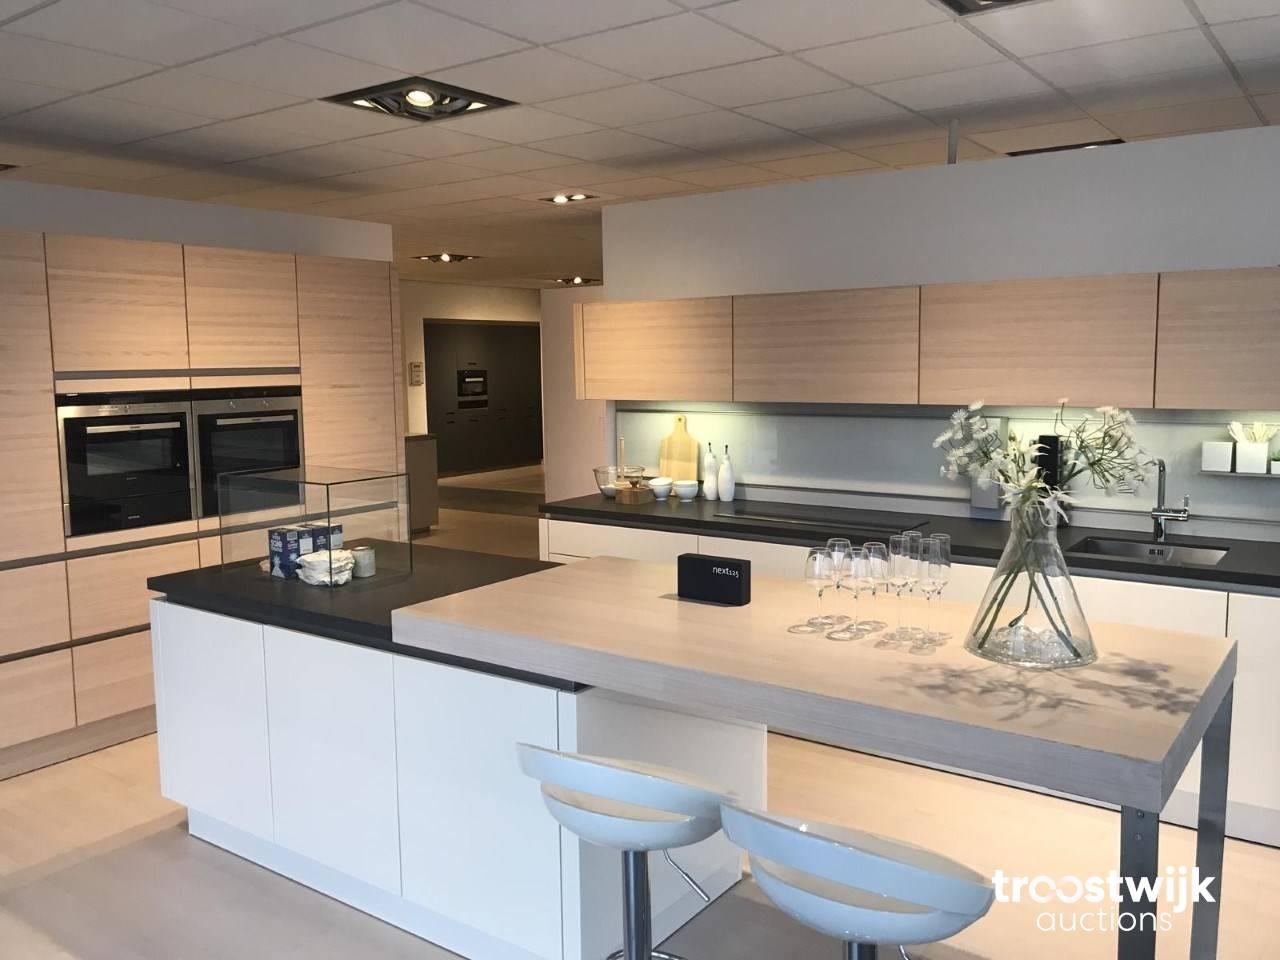 Showroomkeukens fornuizen vaatwassers ovens en magnetrons